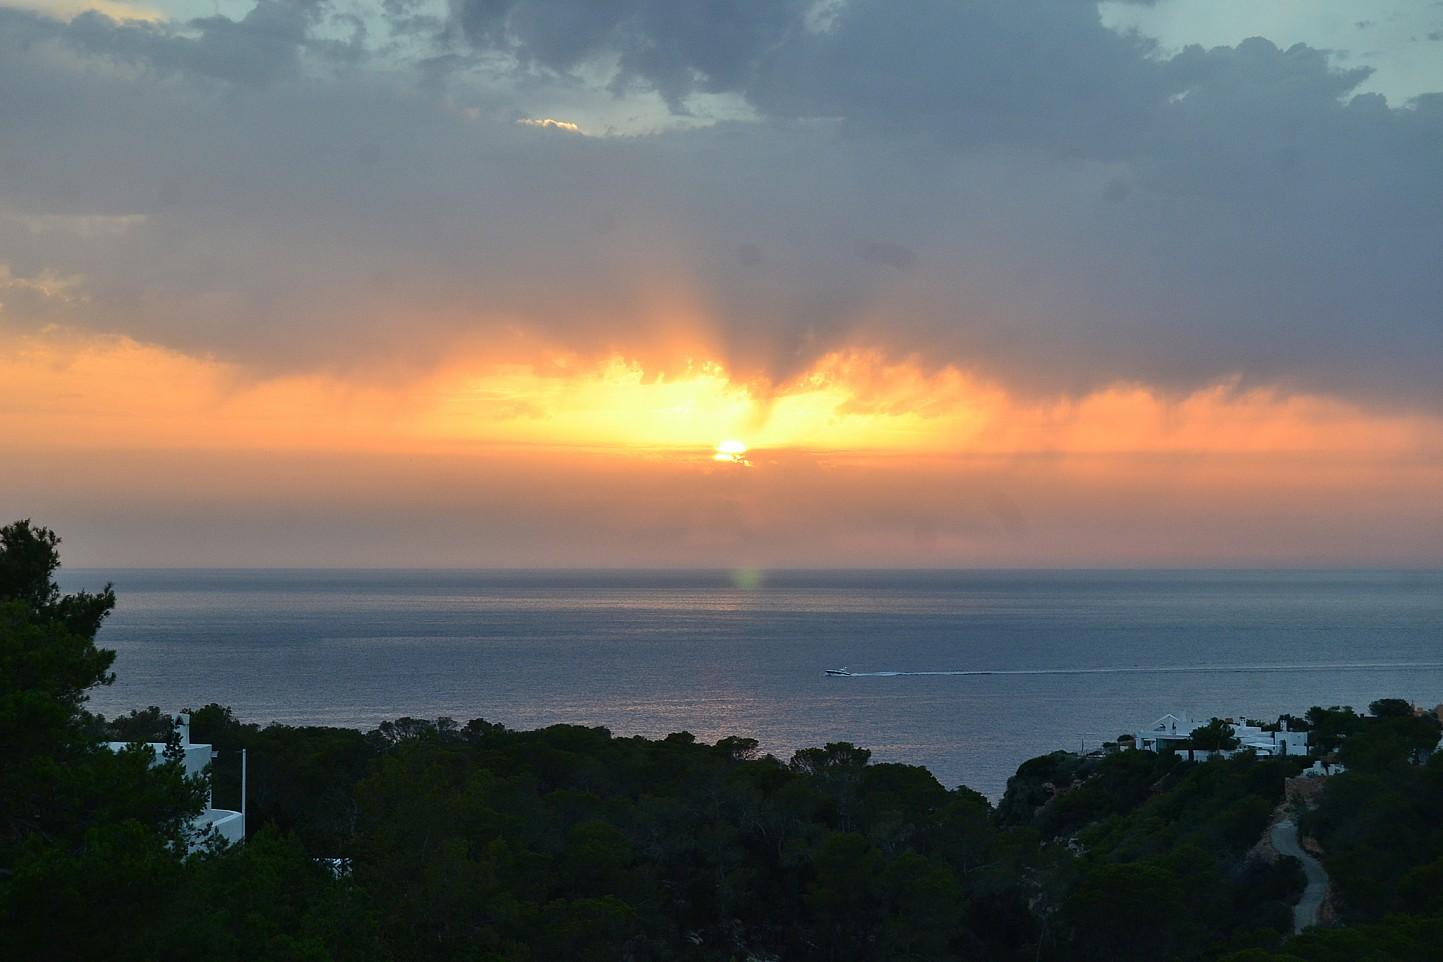 Esplèndides vistes de la posta de sol des de la casa